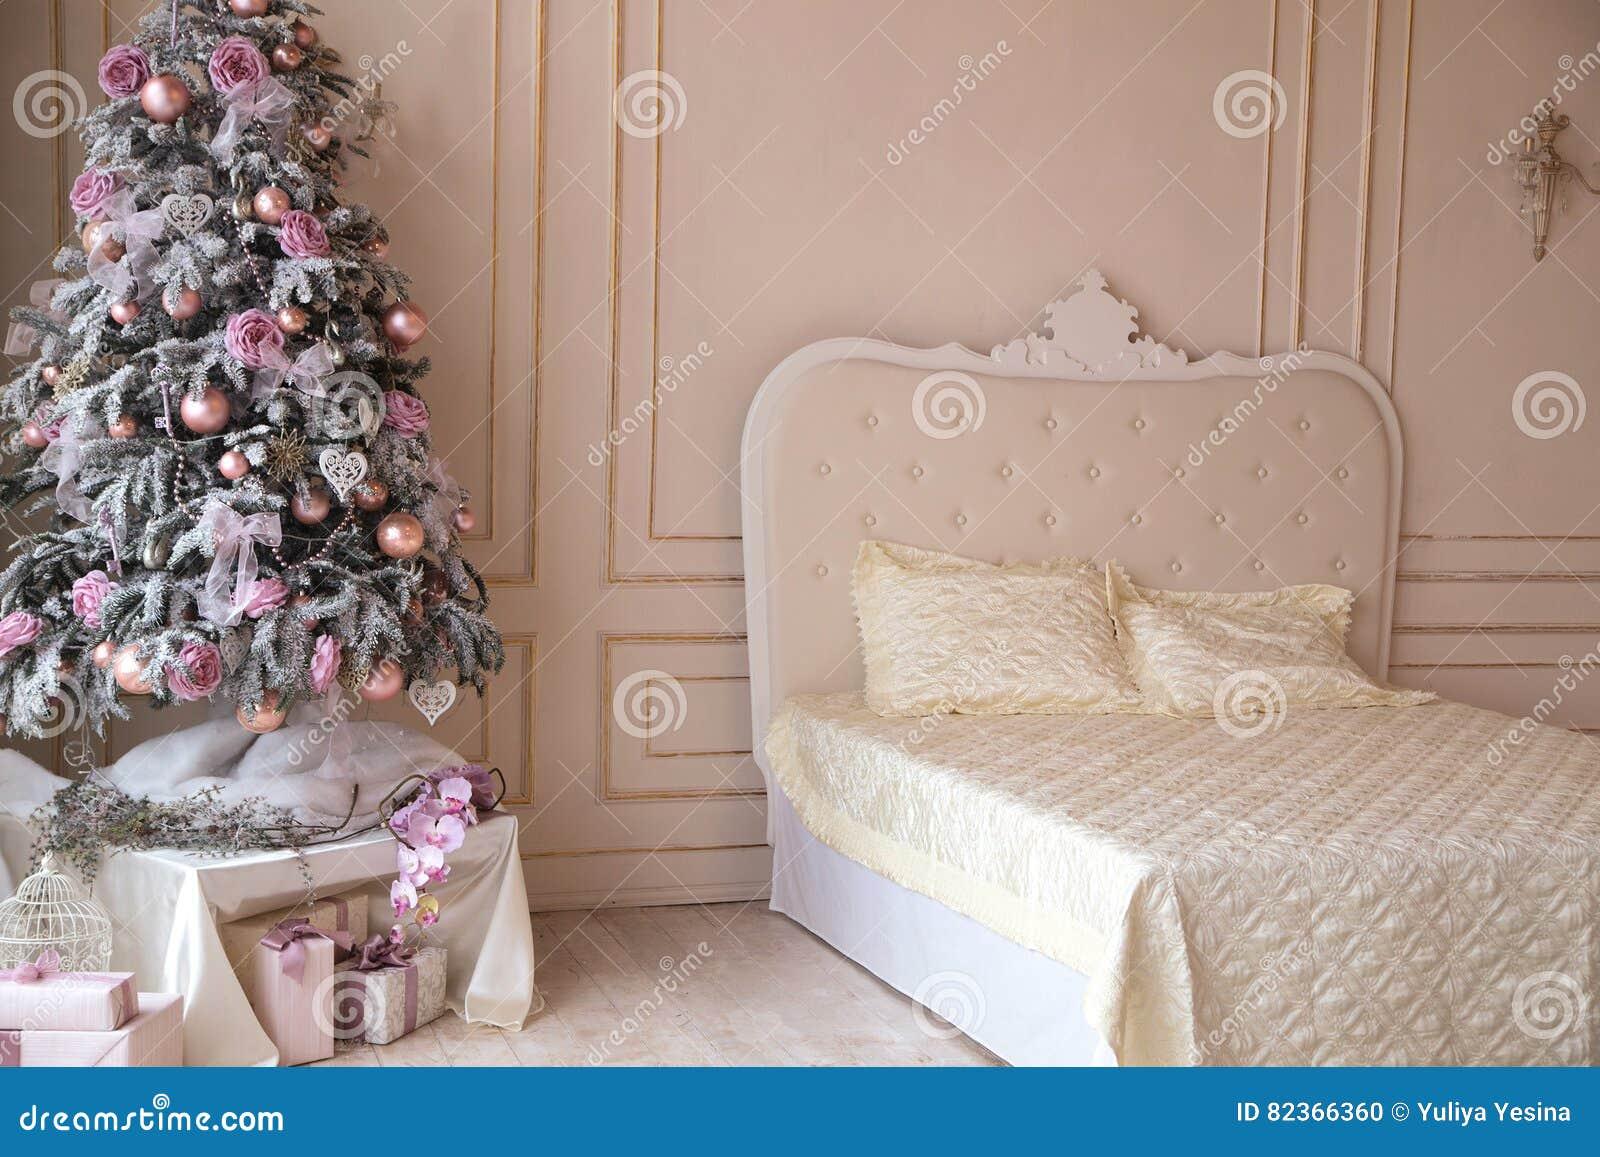 Decorazioni Camere Da Letto : Camera da letto decorazioni di natale albero di natale fotografia